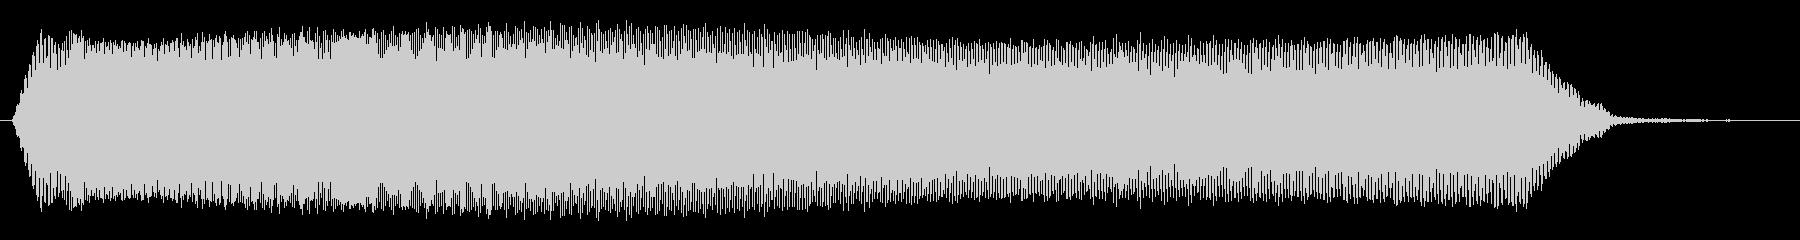 ヒュゥゥゥゥ_コミカルな落下音の未再生の波形